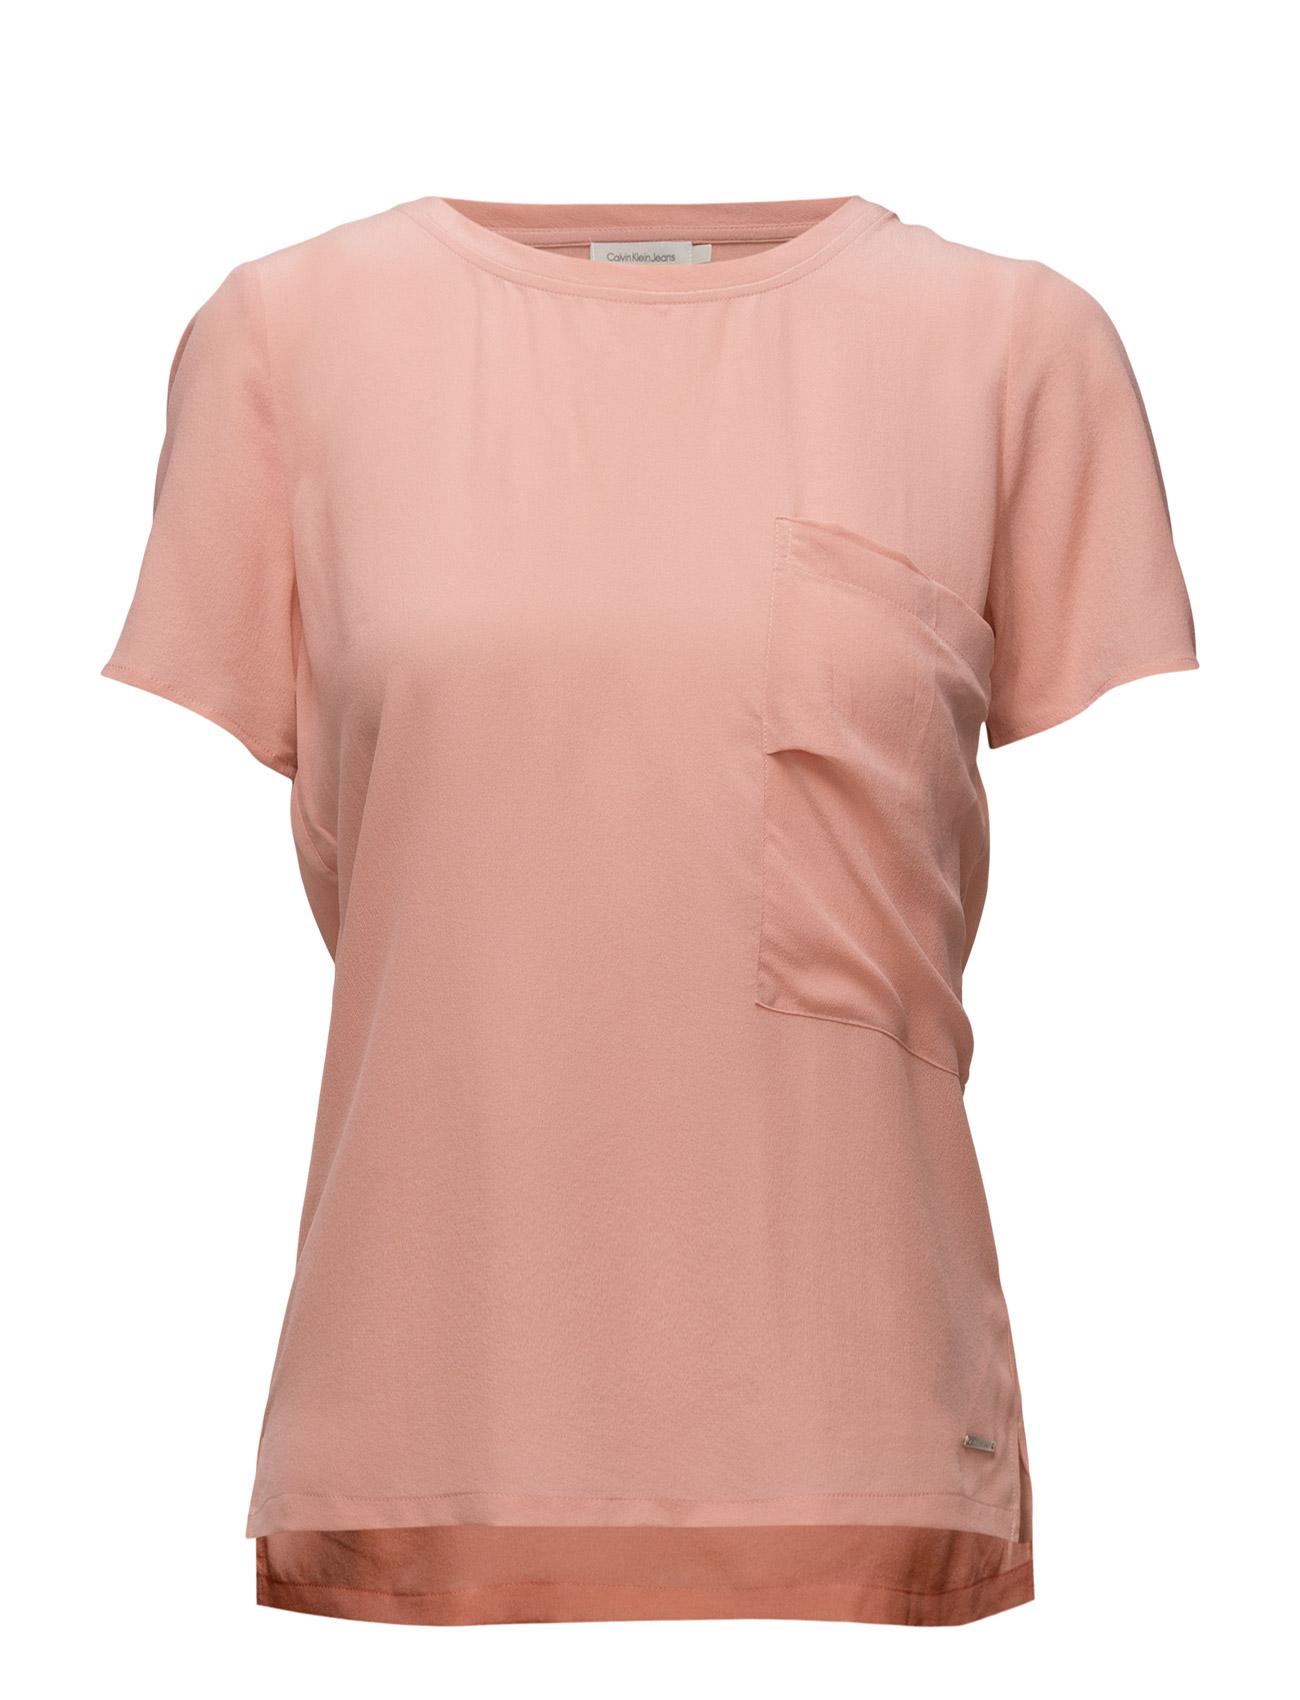 Efa Cn Woven Top S/S Calvin Klein Jeans Bluser til Kvinder i Lyserød